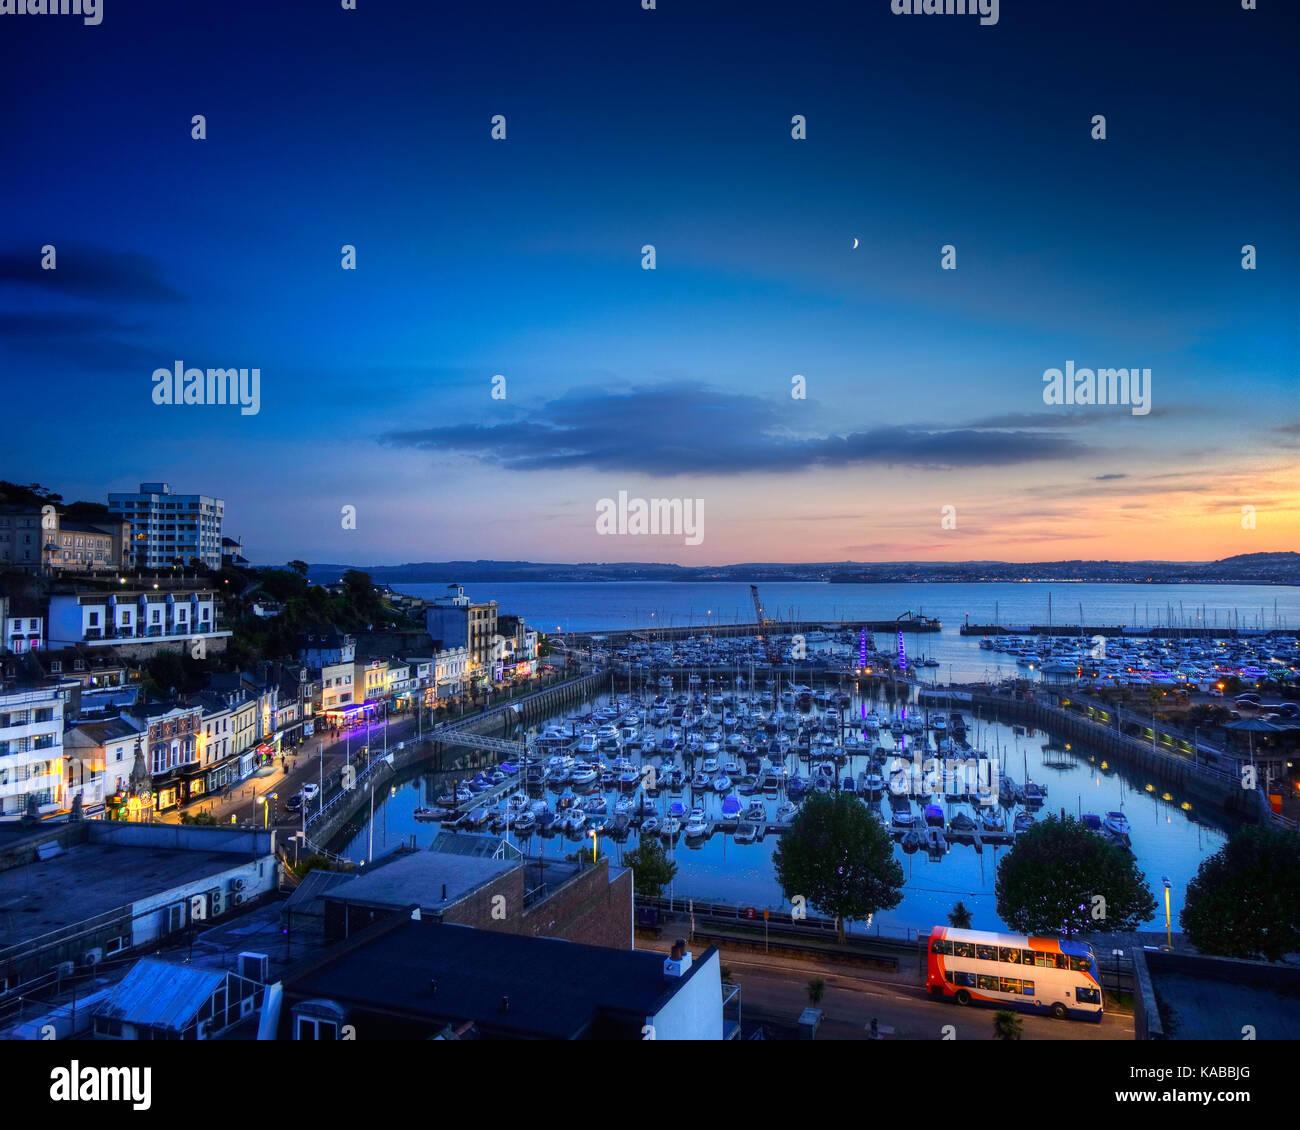 Gb - Devon: torquay puerto por la noche (imagen HDR) Imagen De Stock